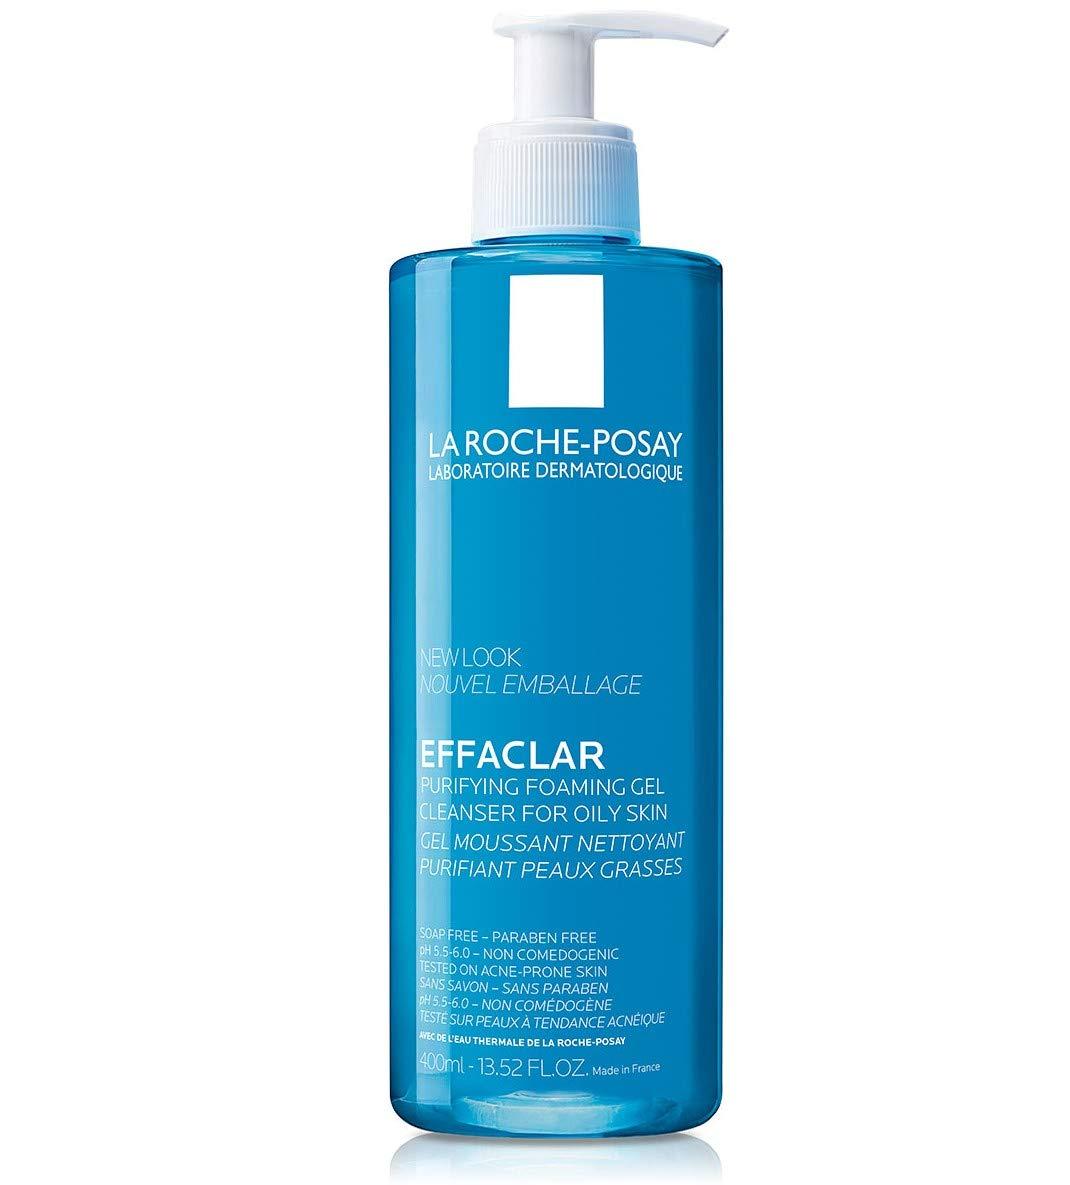 La Roche Posay Effaclar Purifying Foaming Gel for oily sensitive skin 400ml